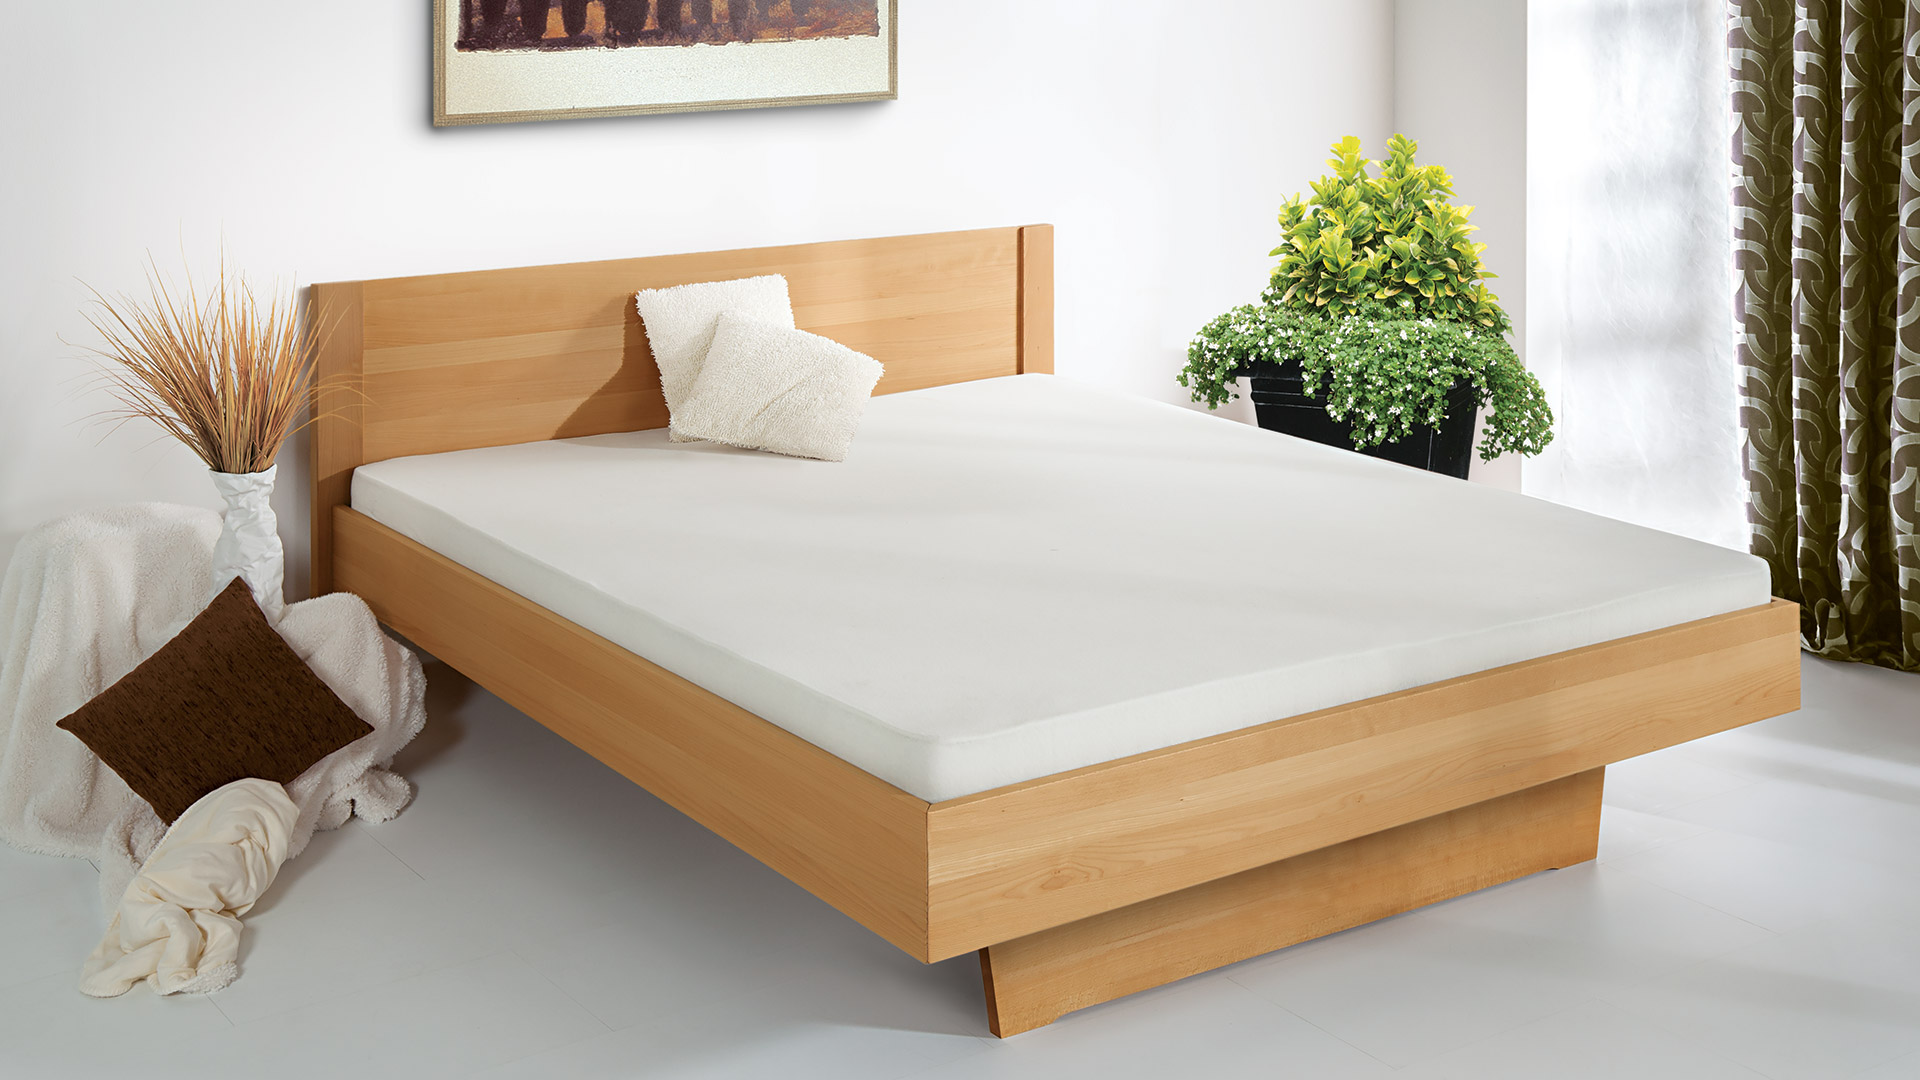 """Einzelbett und Doppelbett """"Tanara 01"""" - ohne Oberflächen-Behandlung"""